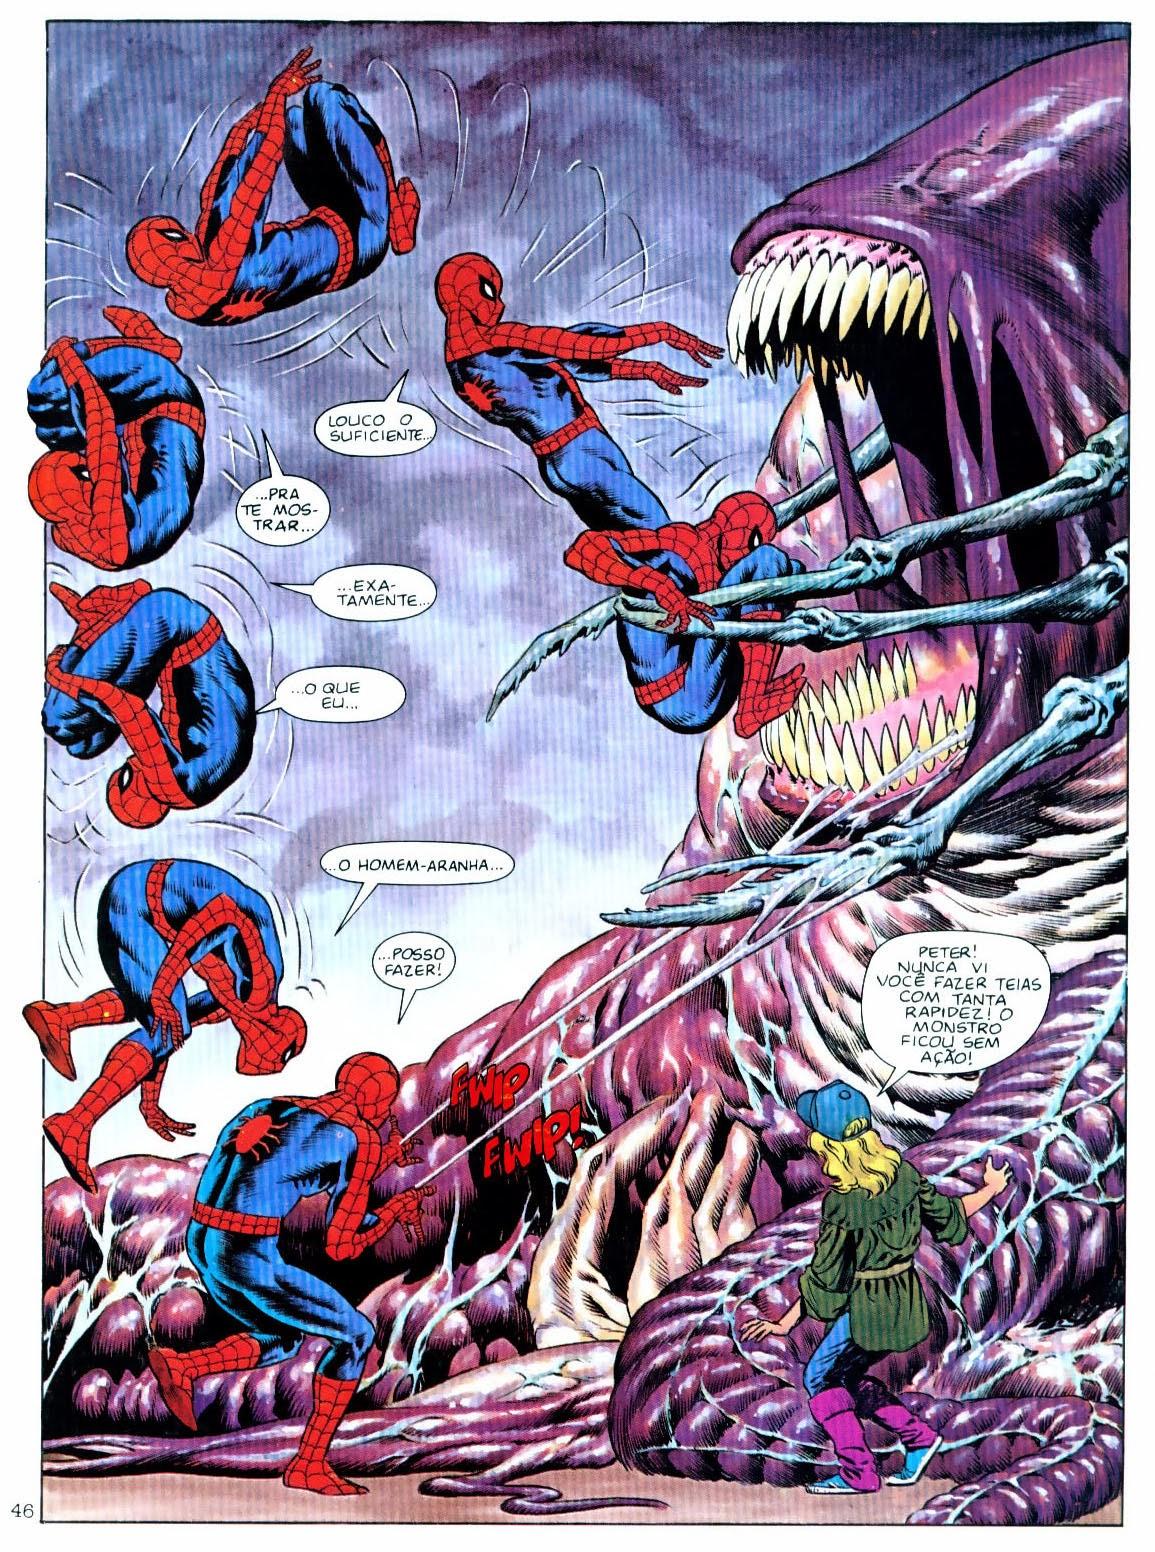 O Homem-Aranha - Marandi #3